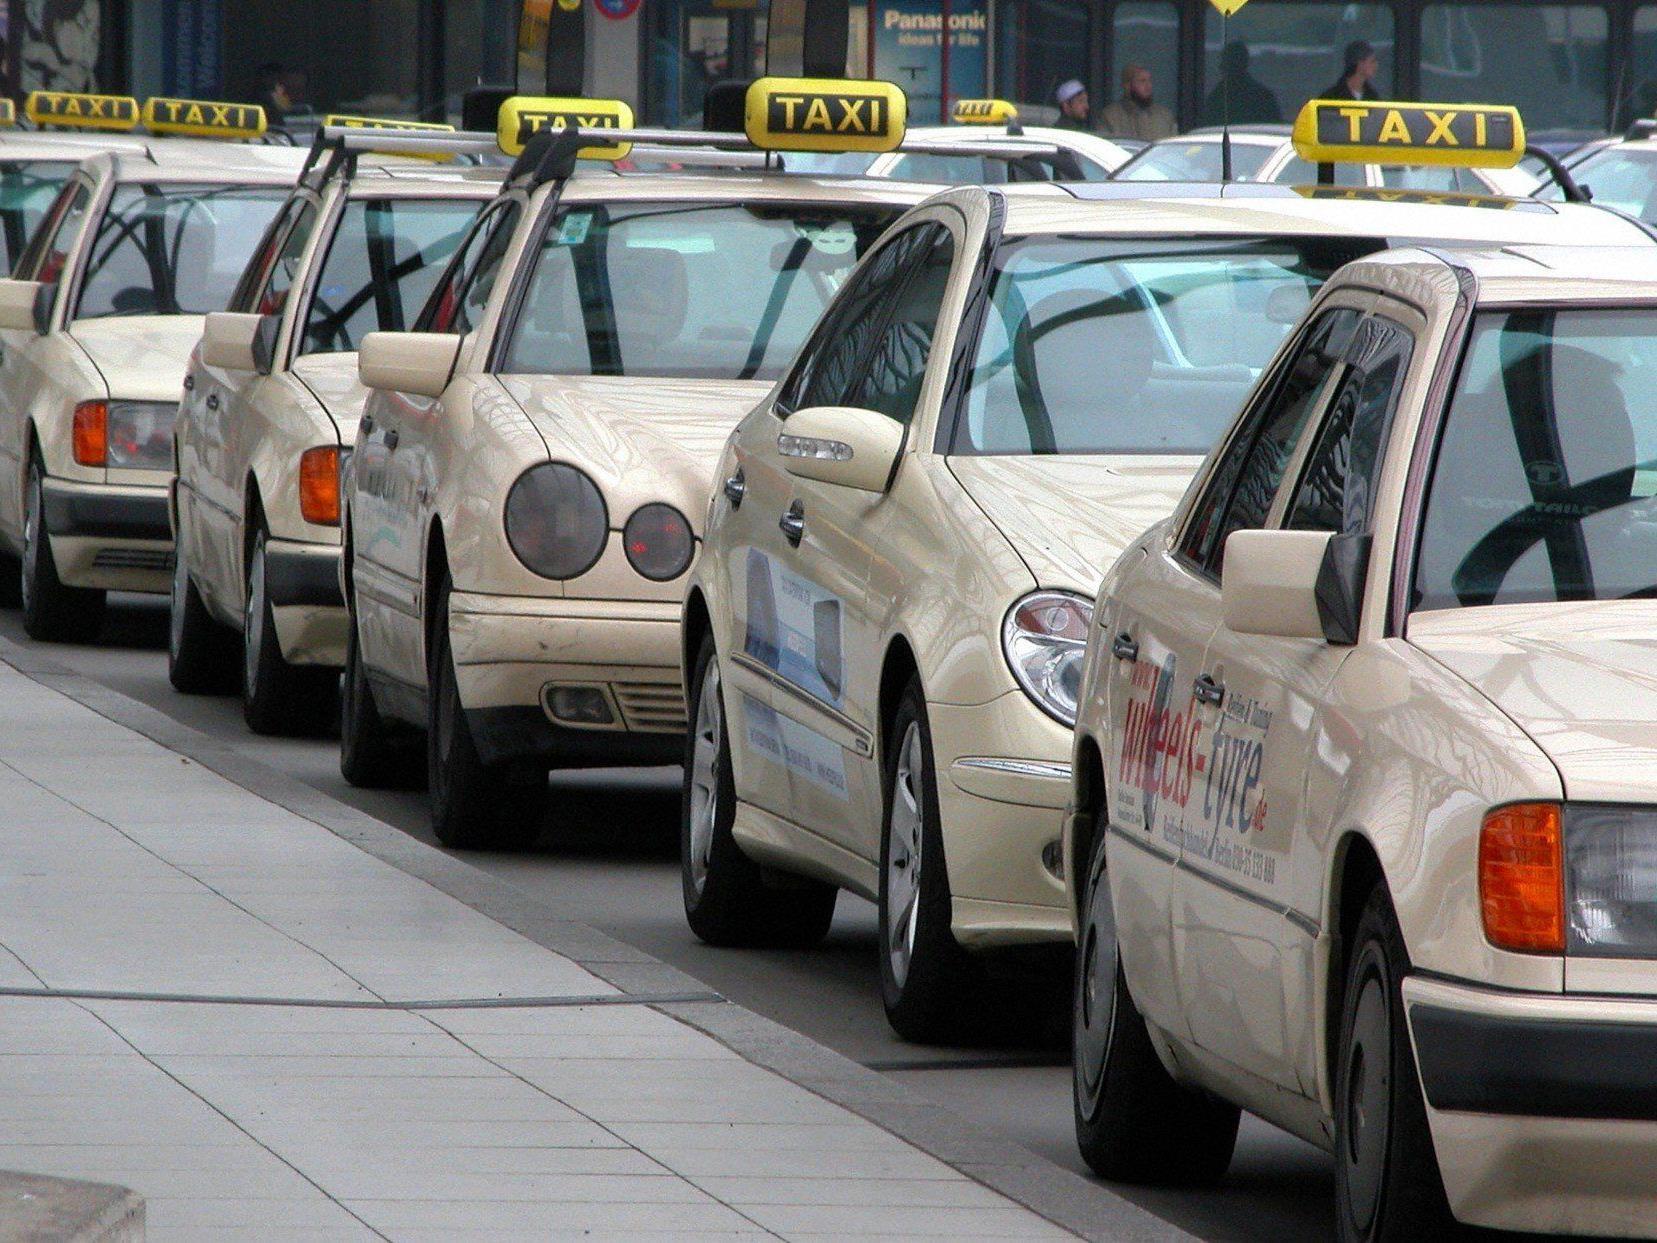 Schon lange gibt es ein ständiges Hin und her bei dem Taxistreit.